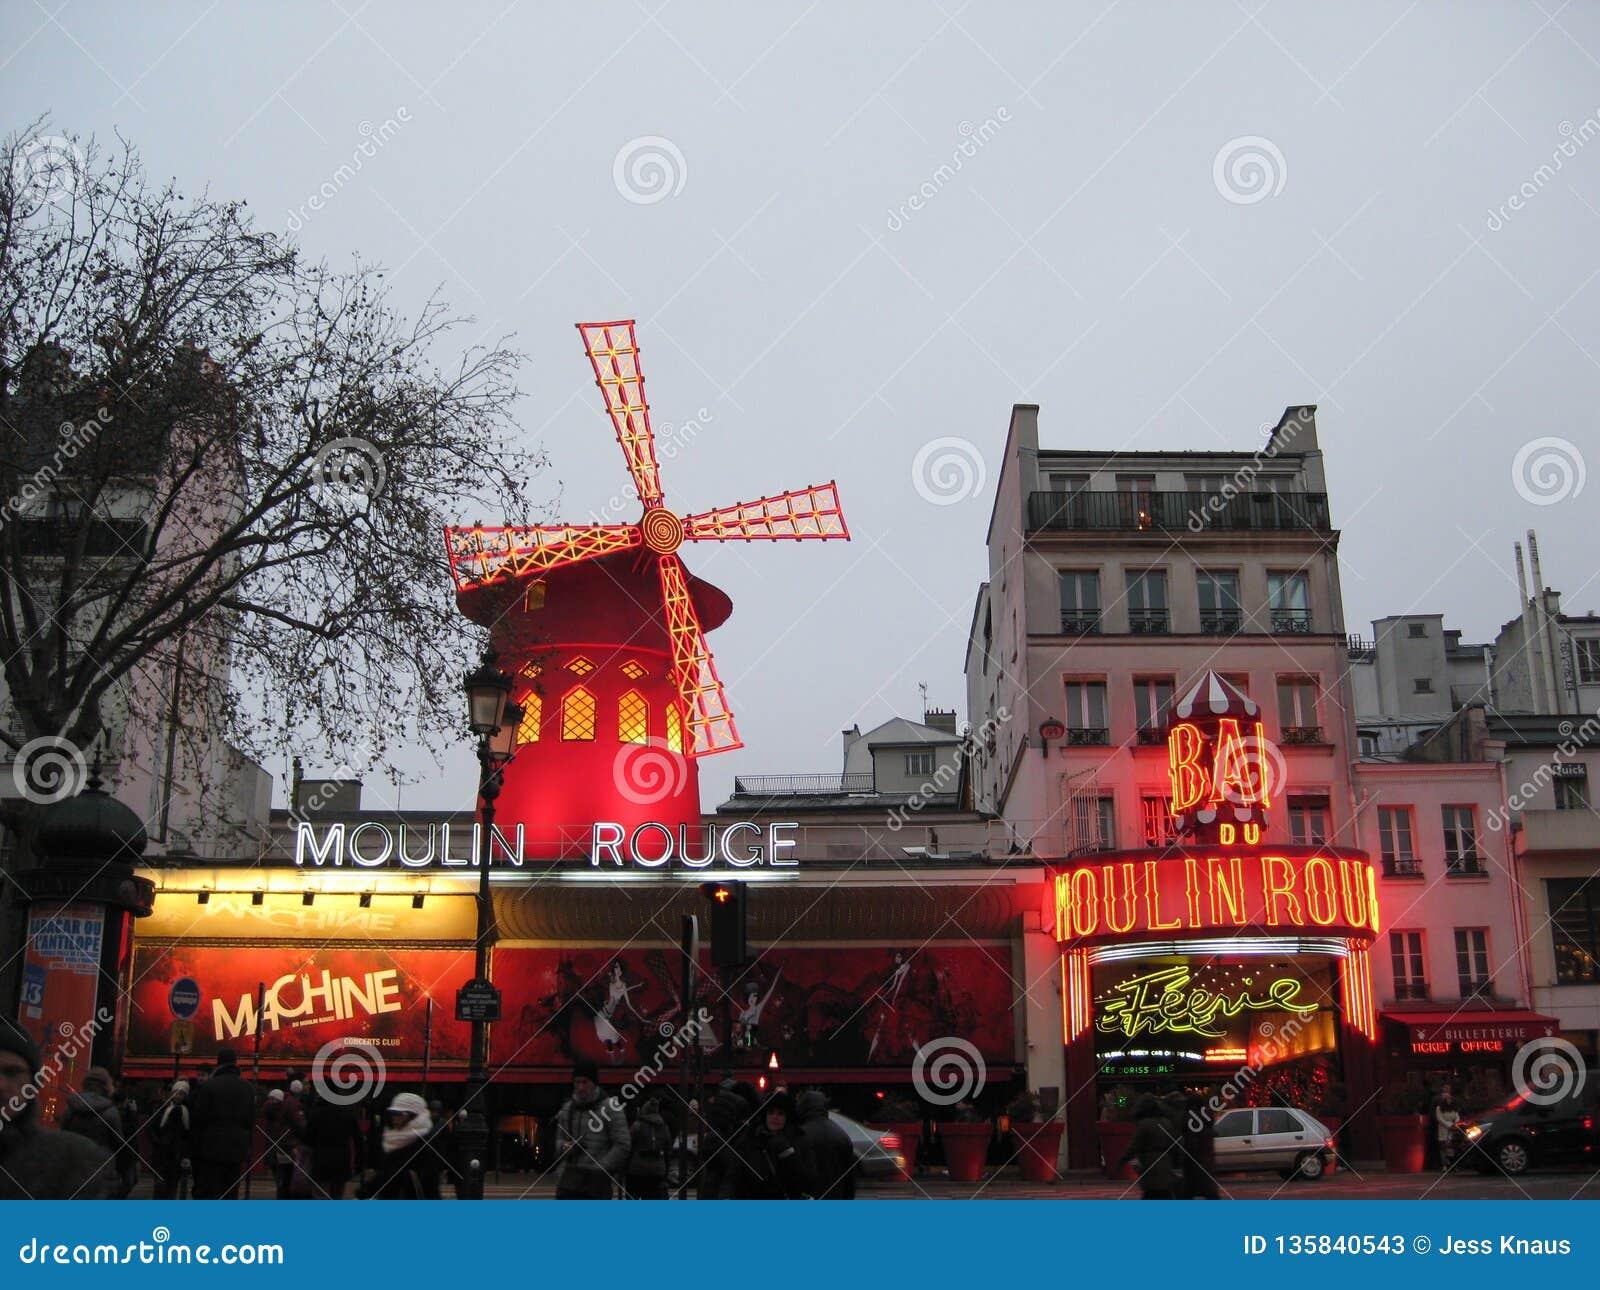 Un affichage égalisant des lumières du Moulin rouge à Paris